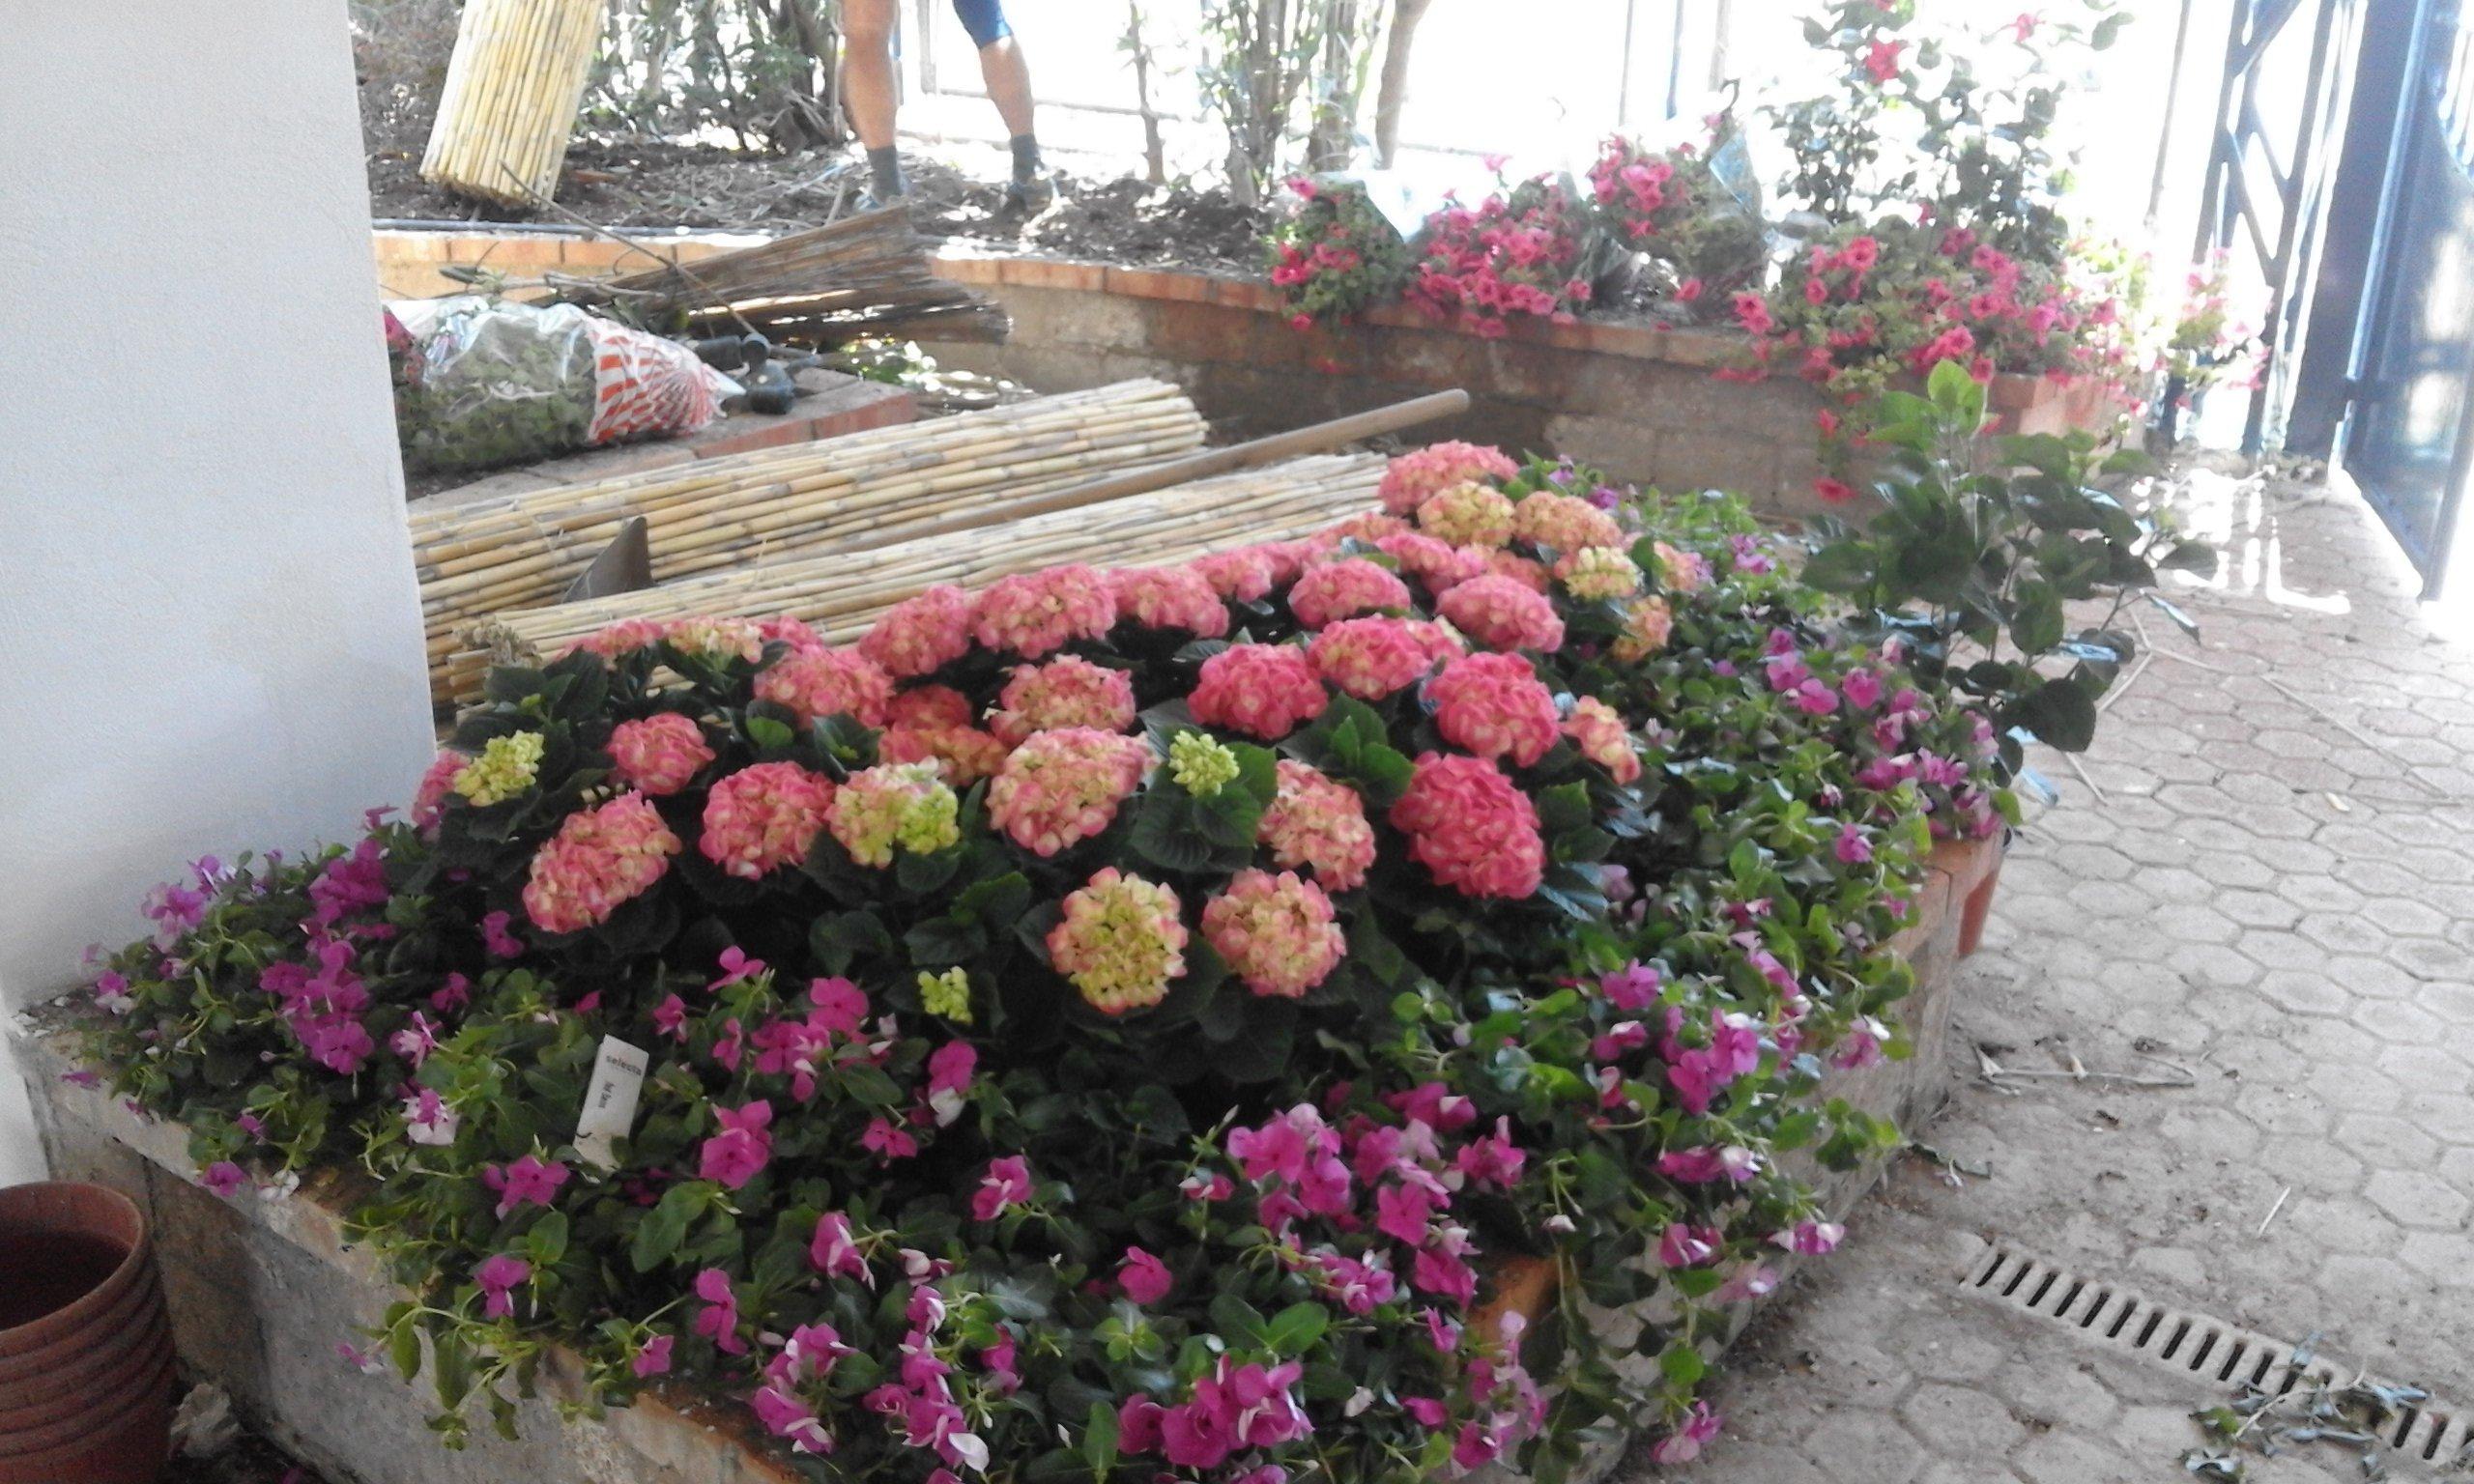 delle ortensie rosa e fiori viola in una serra